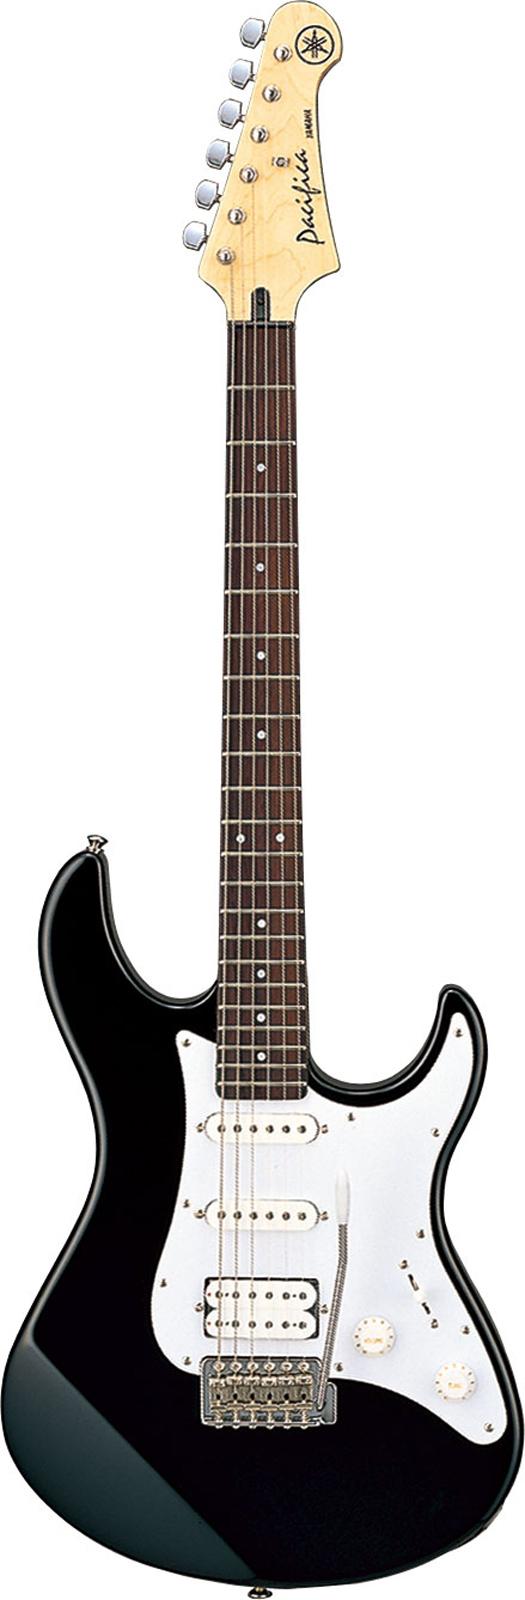 Yamaha Pa012bl Black